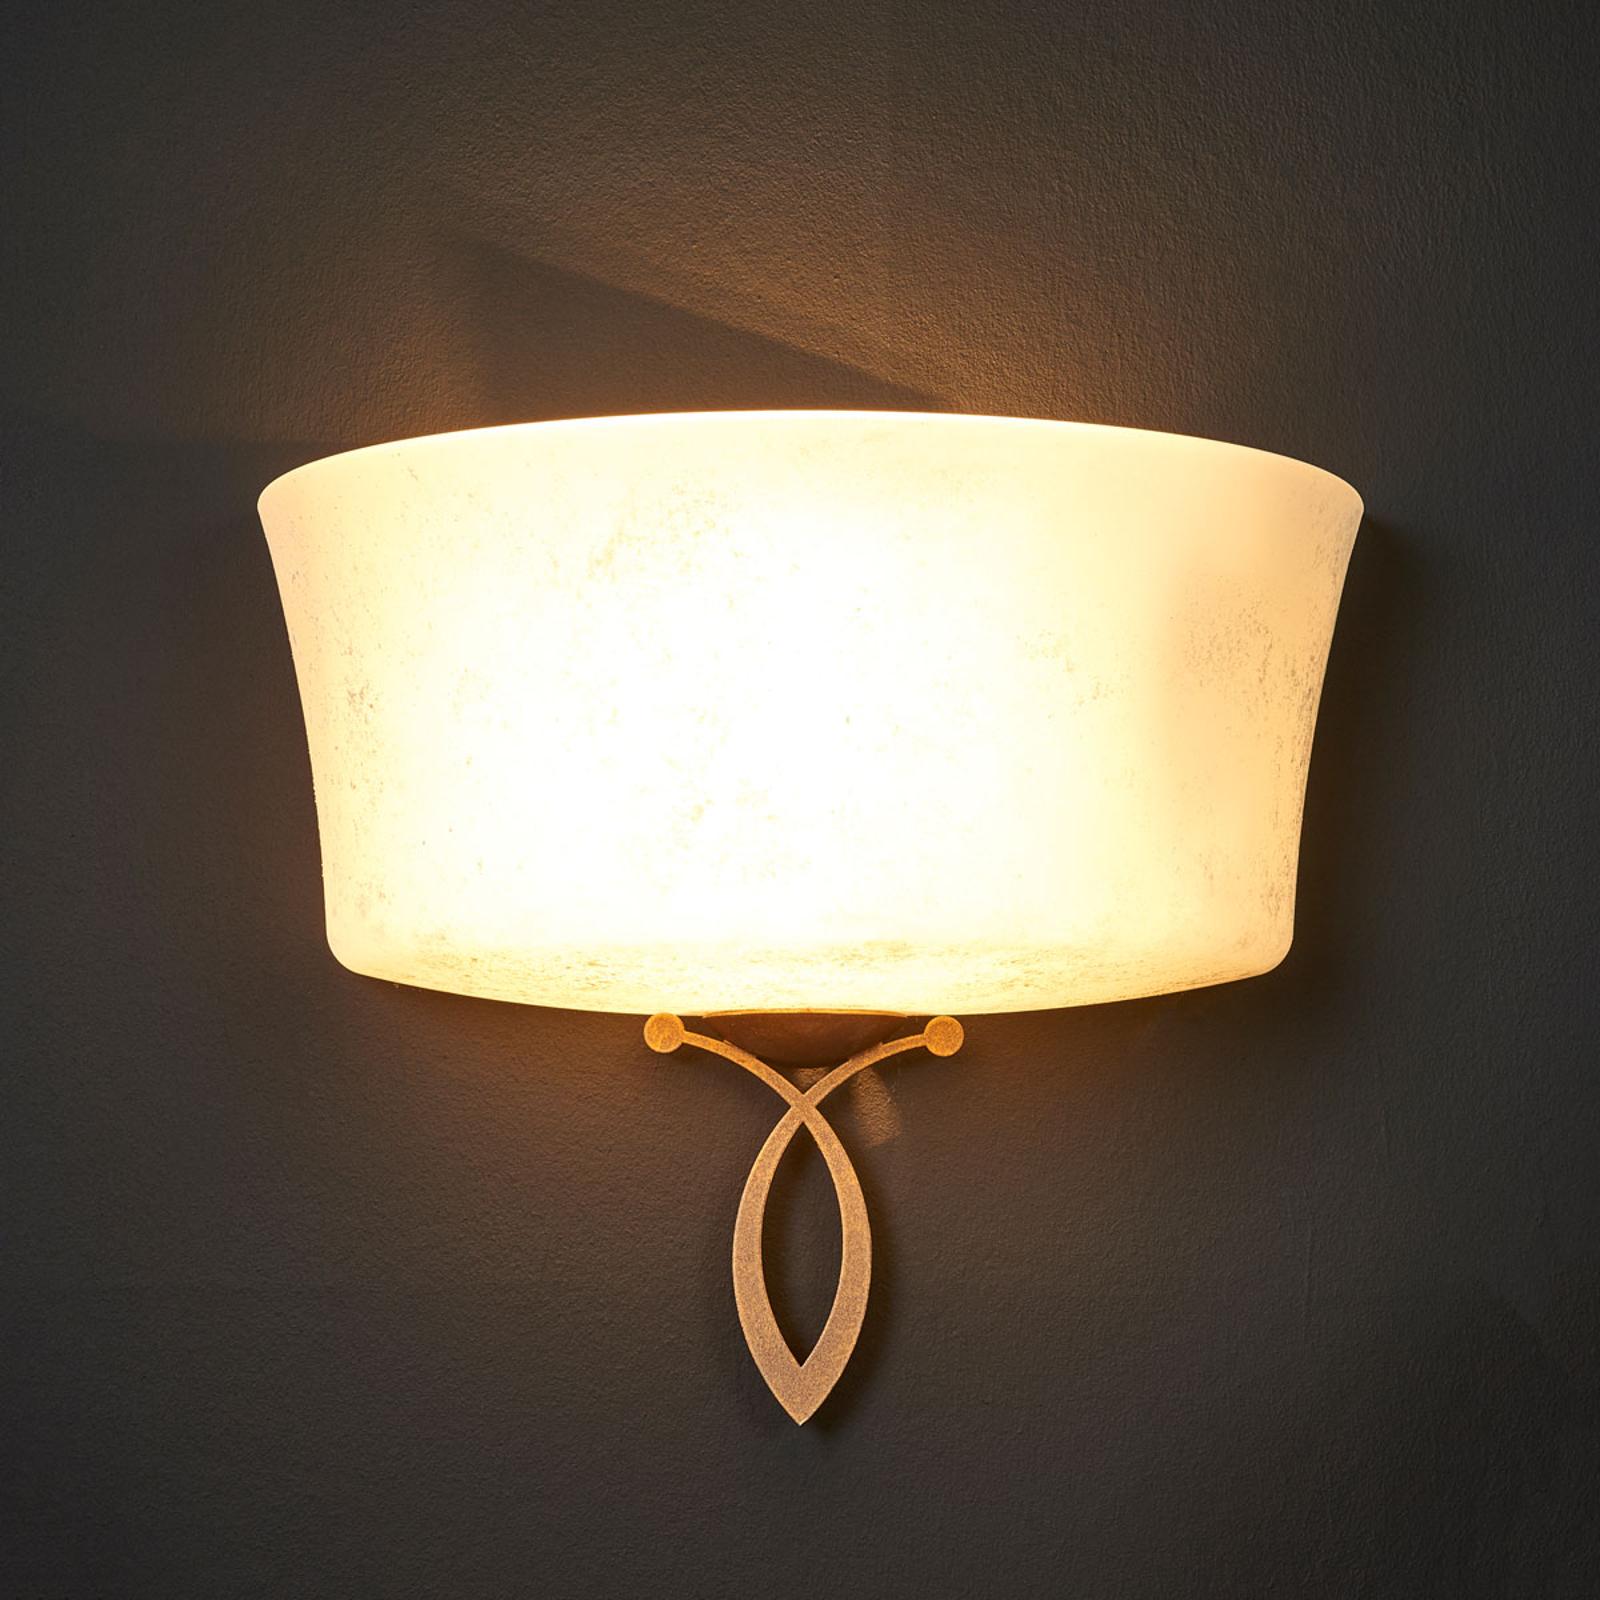 Seinävalaisin Alessio valoa heijastava design